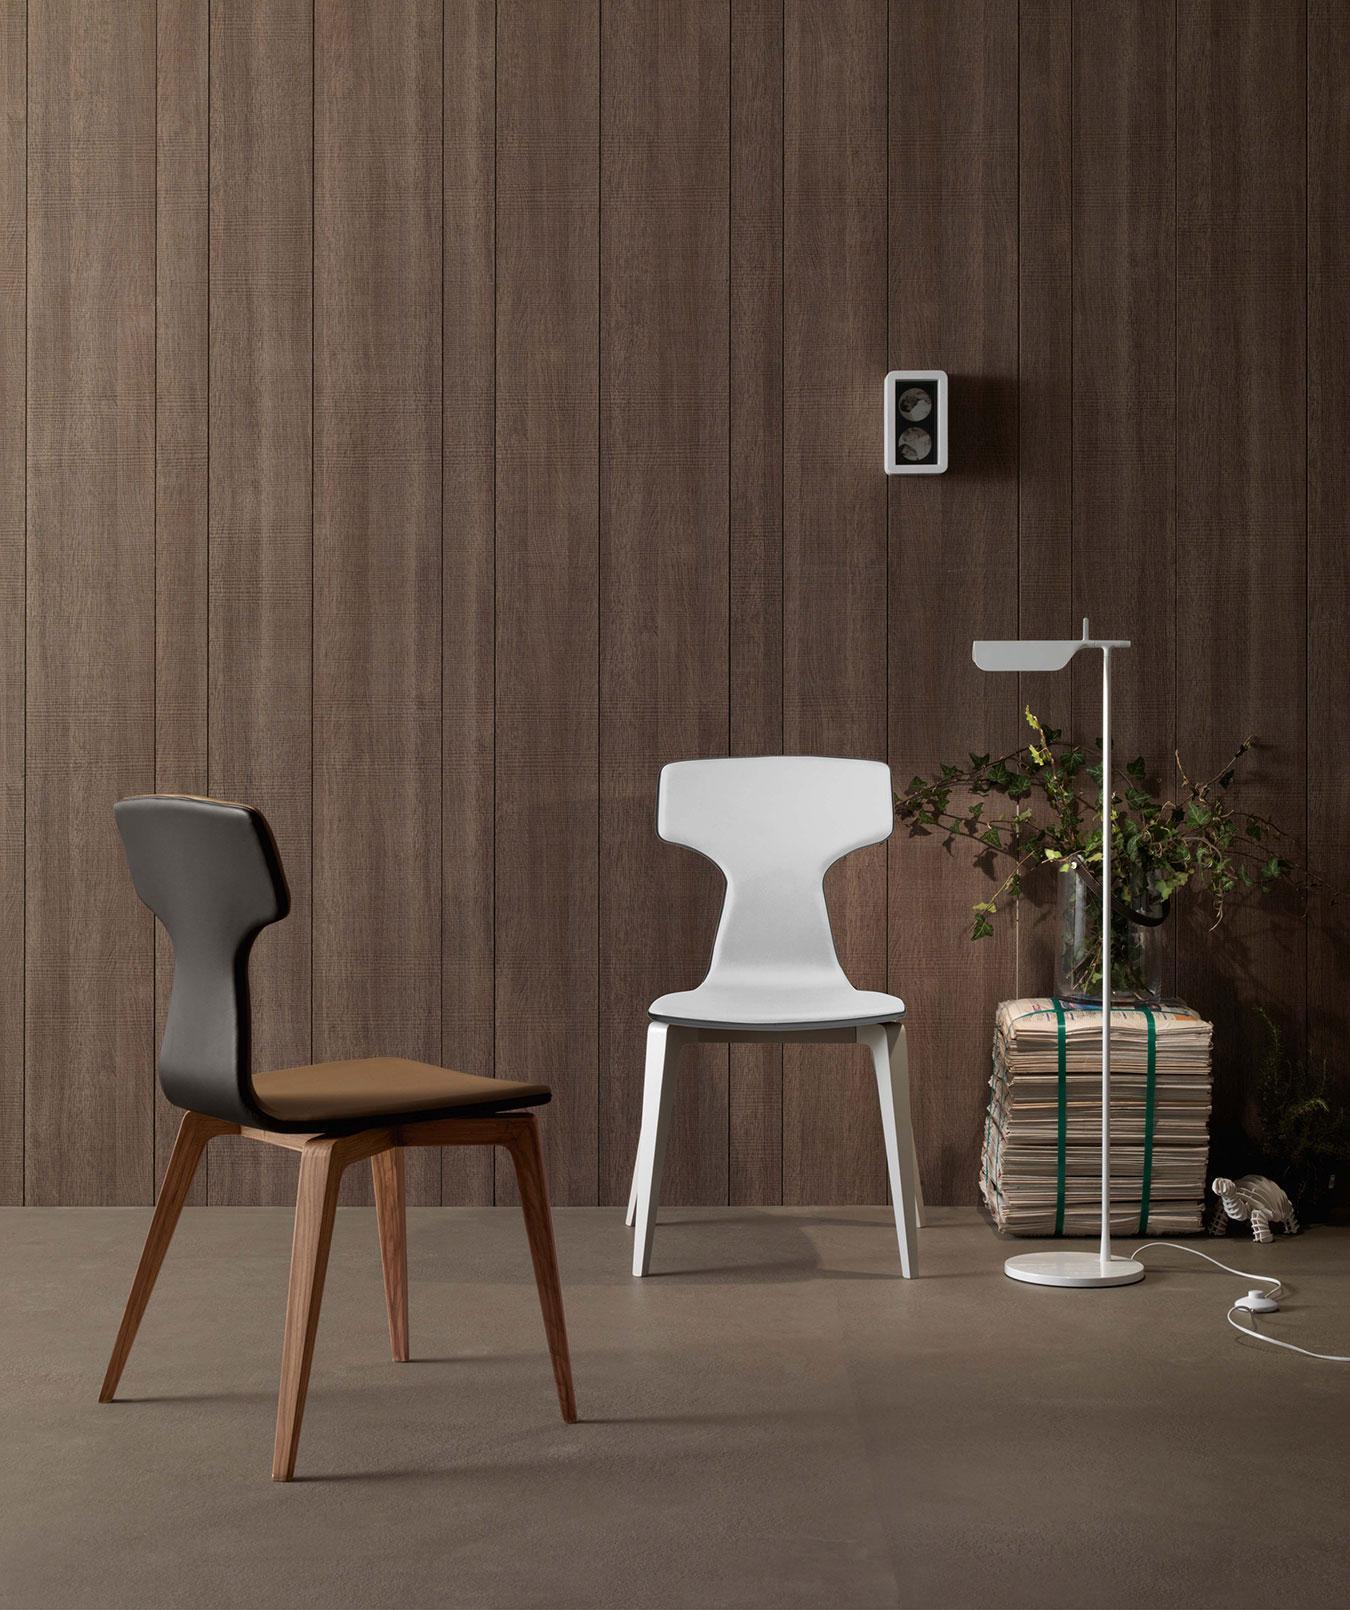 table de cuisine originale table et chaise de cuisine originale dans paris table de cuisine en. Black Bedroom Furniture Sets. Home Design Ideas